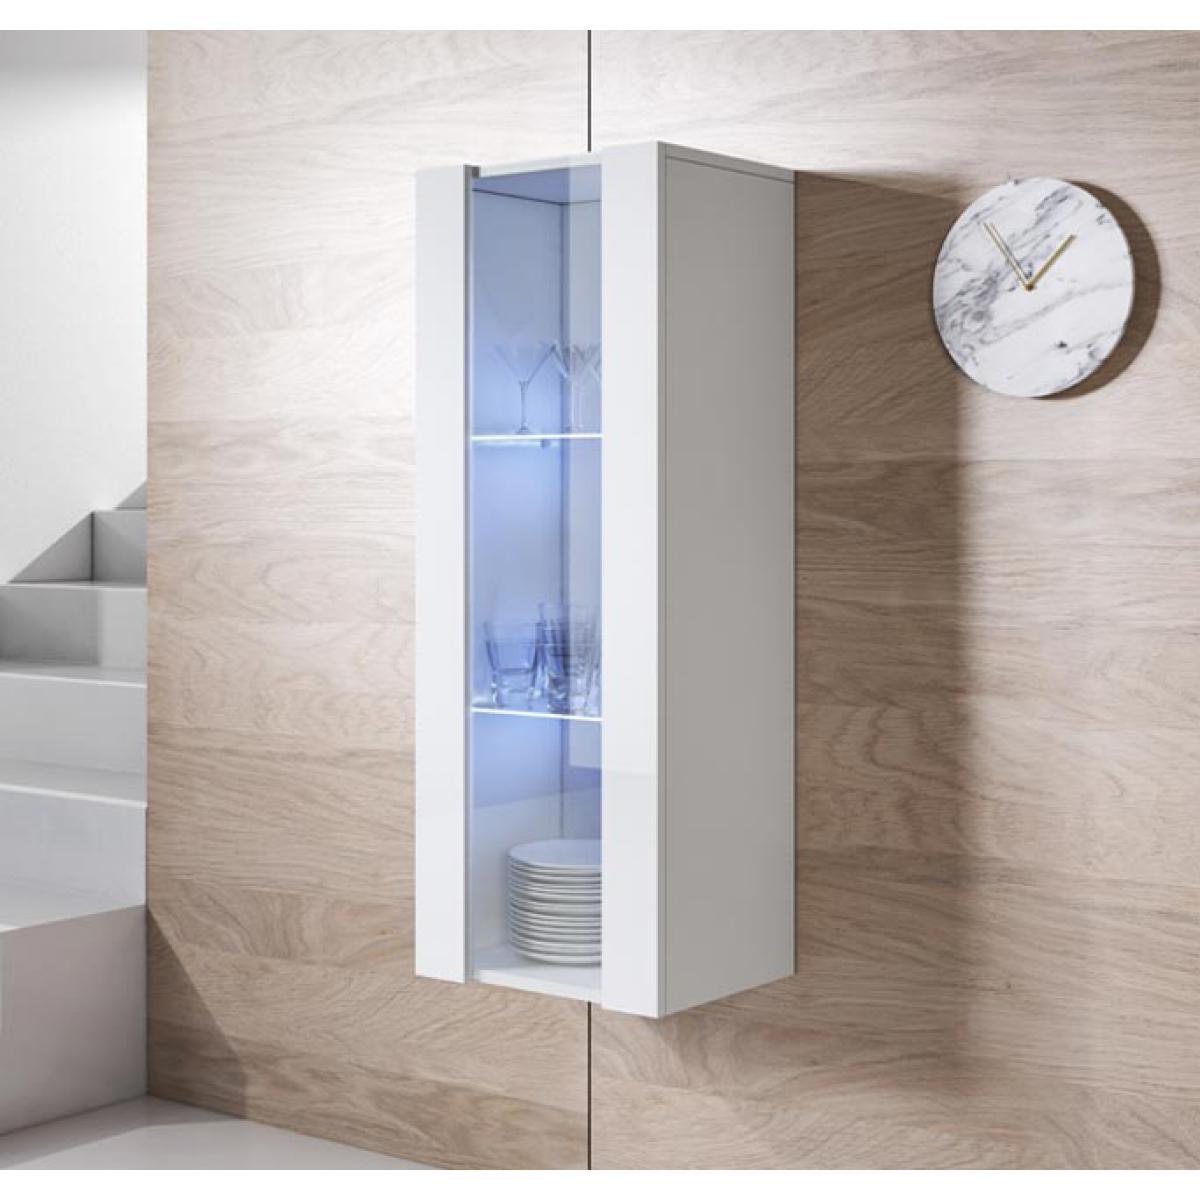 Design Ameublement Armoire mural modèle Luke V2 (40x126cm) couleur blanc